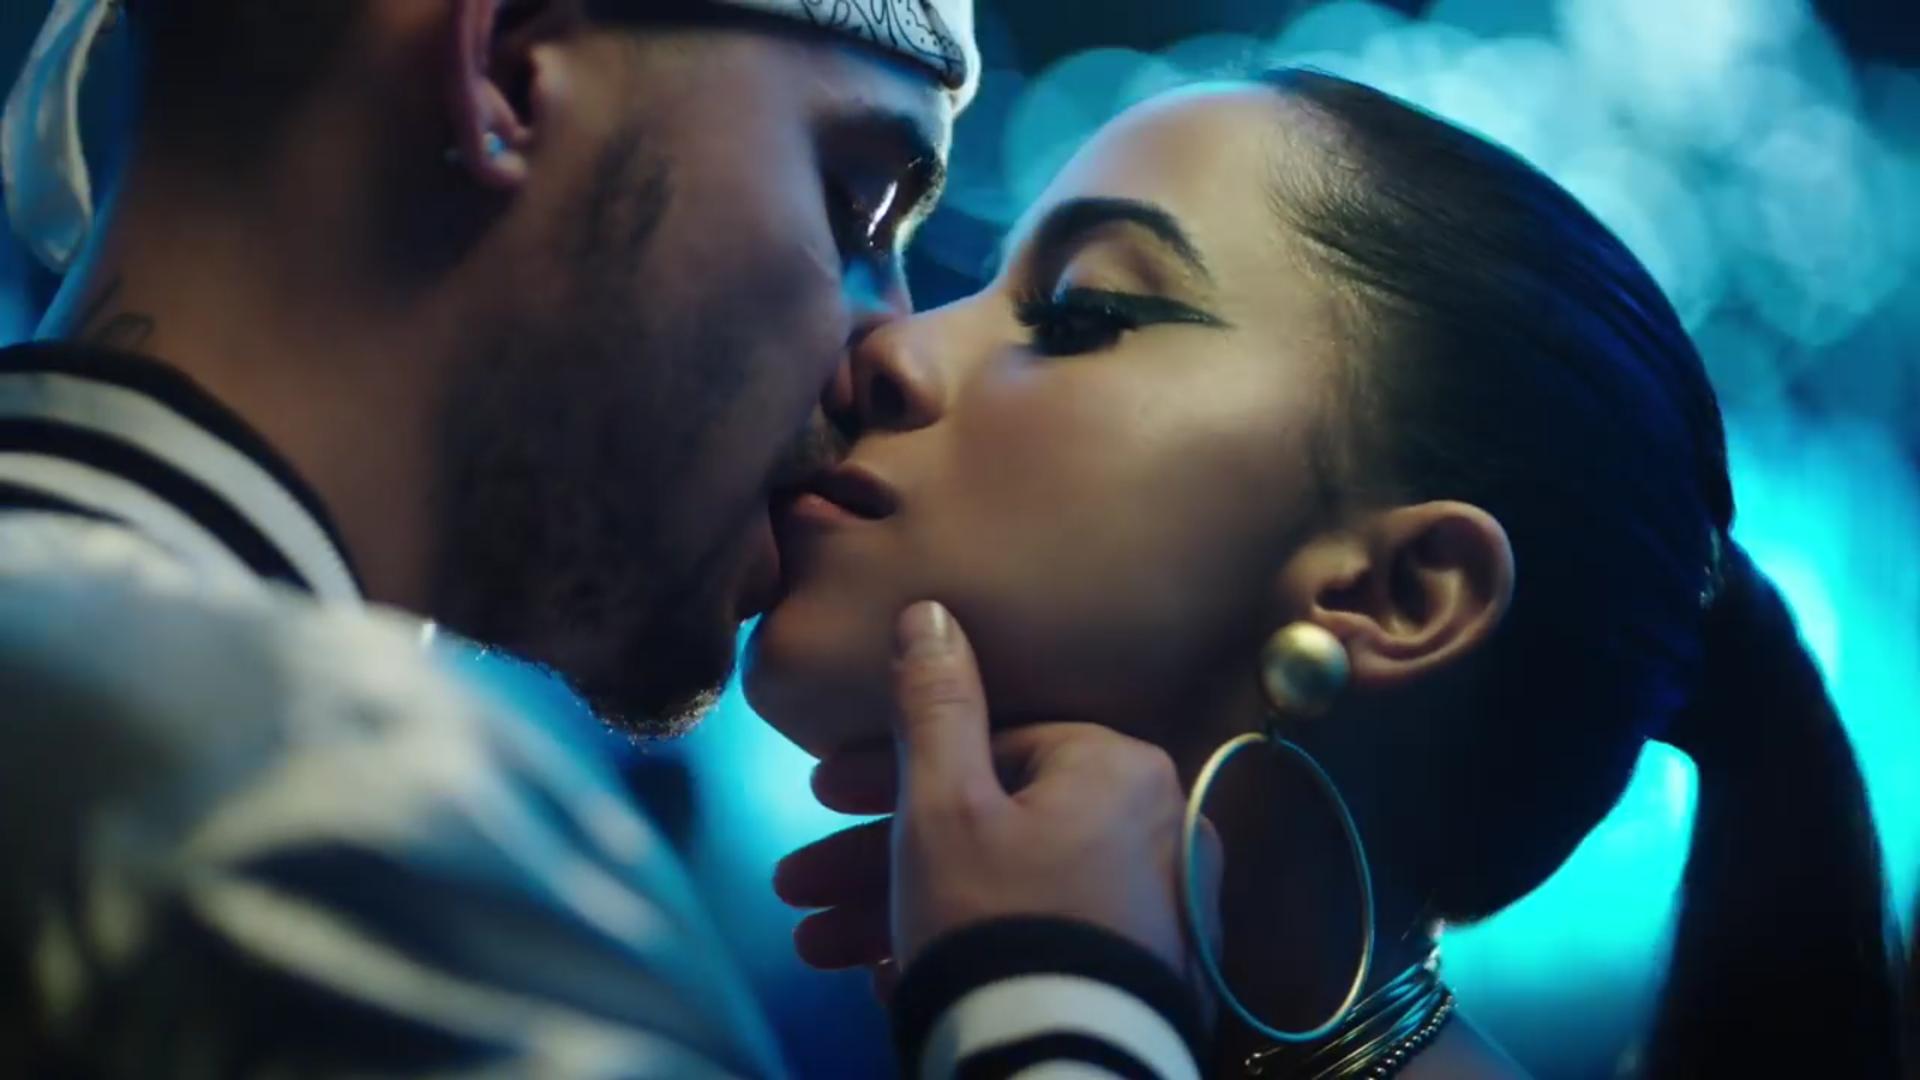 """Anitta, la cantante más bella y talentosa de Brasil: A Maluma lo conocí a través de Internet"""""""